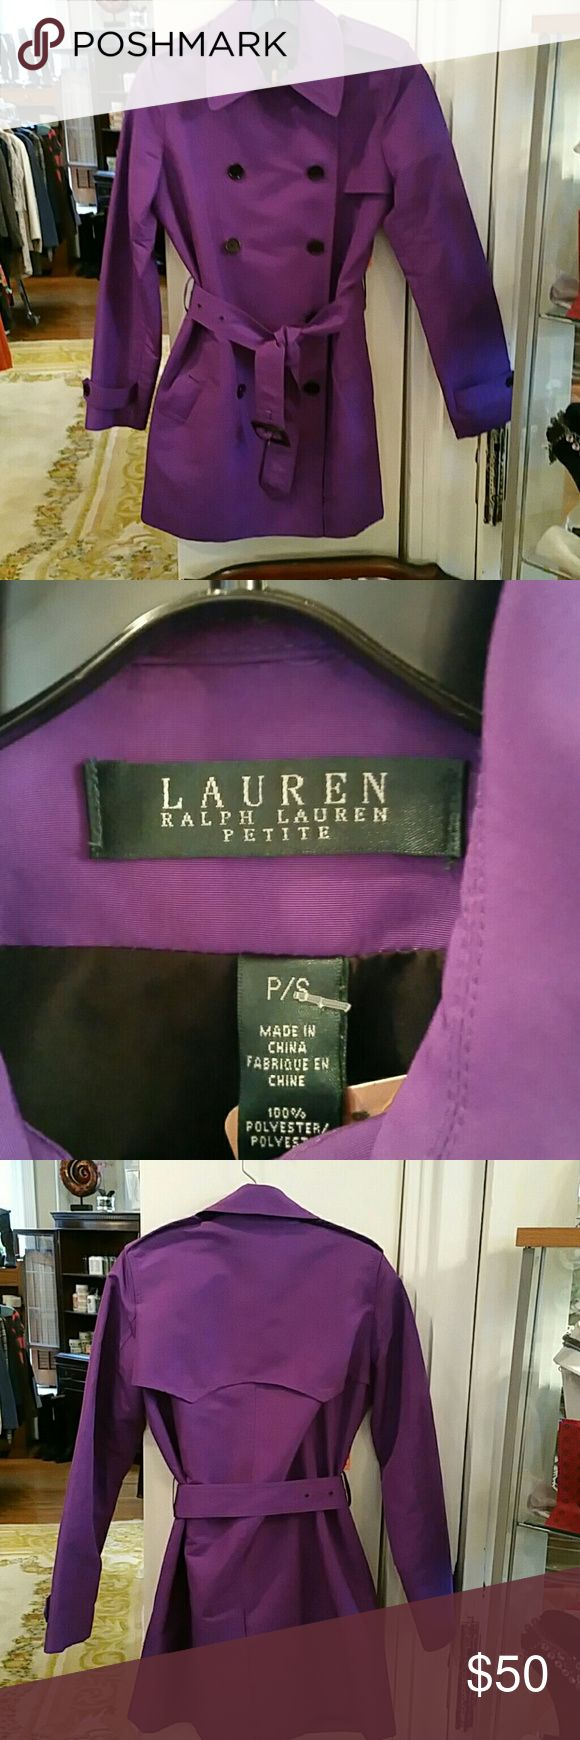 Ralph Lauren Purple Trench Coat sz Petite Small Ralph Lauren Purple Trench Coat sz Petite Small  Button and Belt closure, 2 front slit pockets 100% polyester Ralph Lauren Jackets & Coats Trench Coats